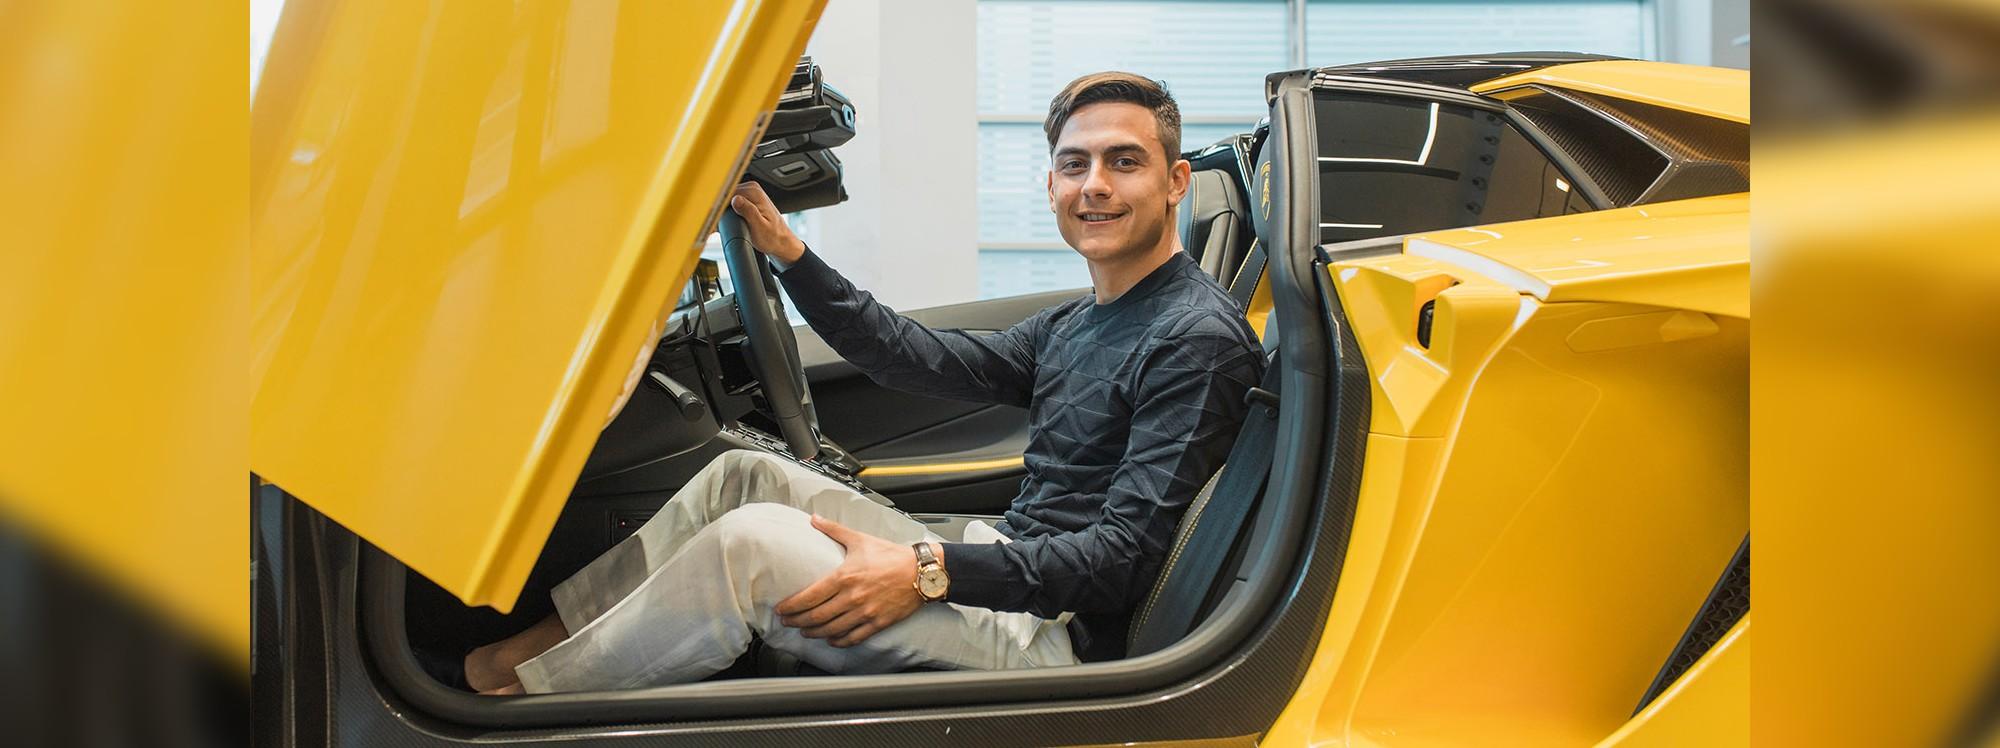 La Juventus bajó a Dybala del Lamborghini y lo subió a un Jeep